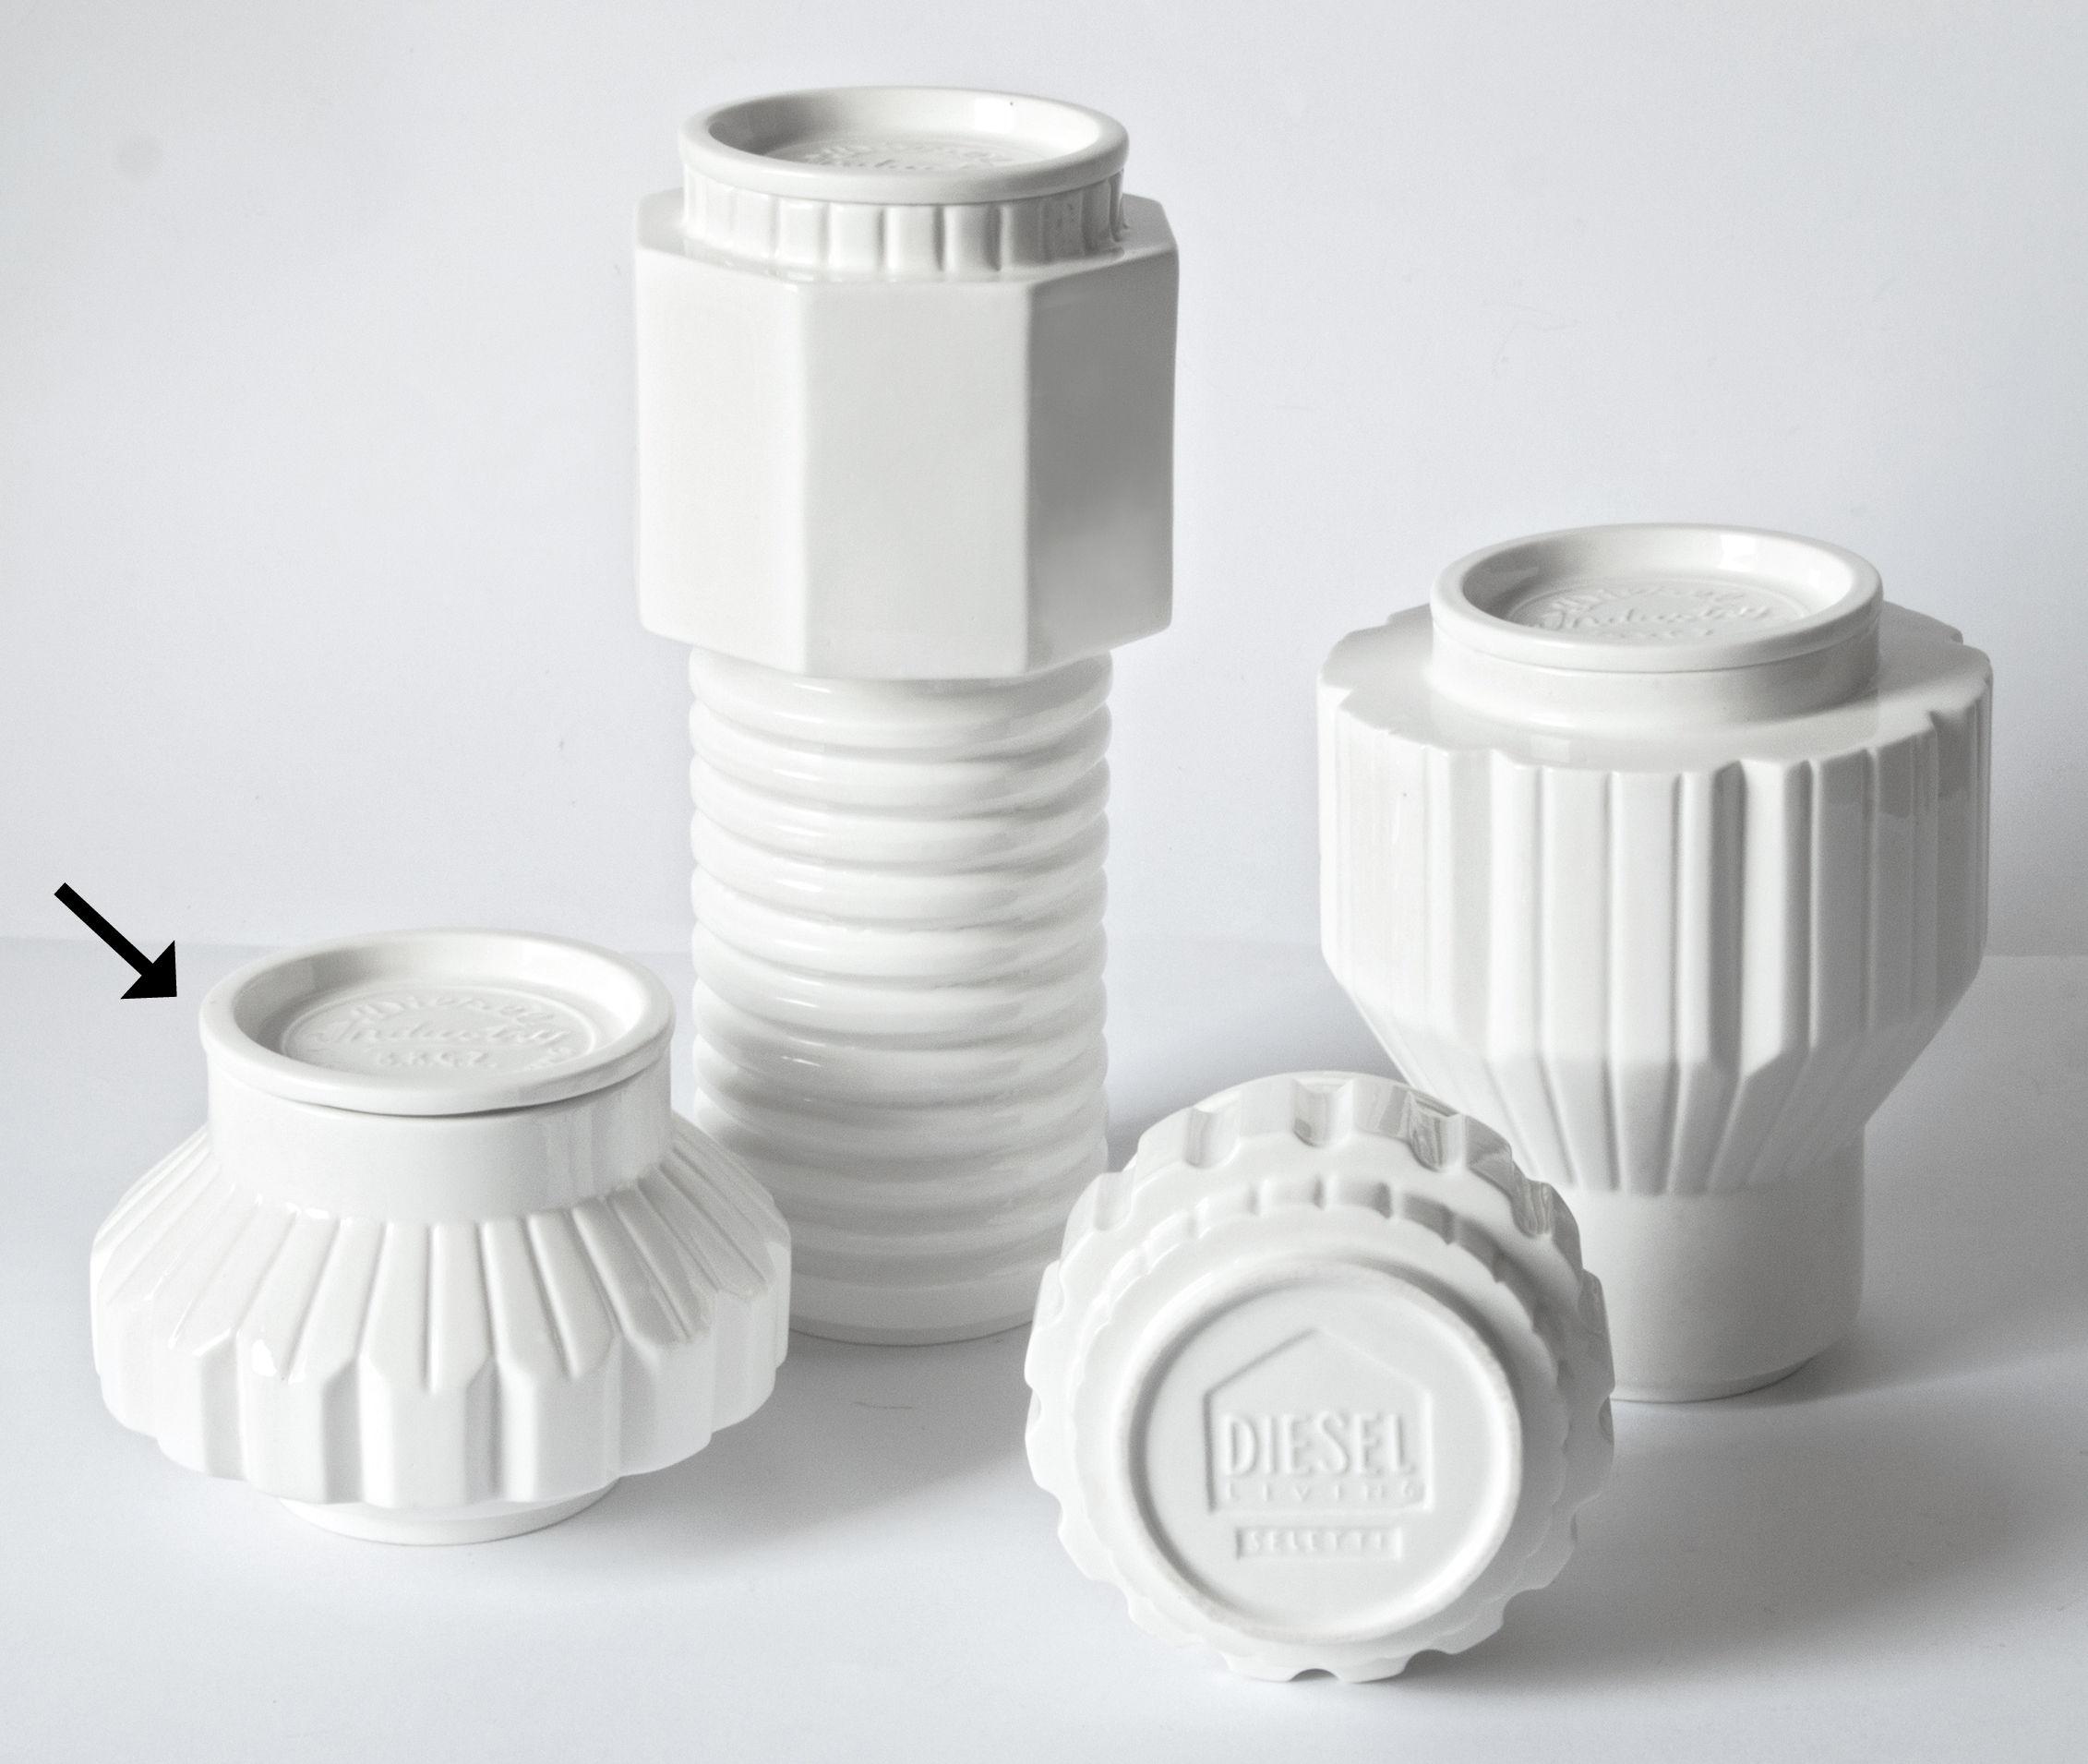 Küche - Dosen, Boxen und Gläser - Machine Collection Schachtel / Ø 16 x H 13,5 cm - Diesel living with Seletti - H 13 cm / weiß - Porzellan